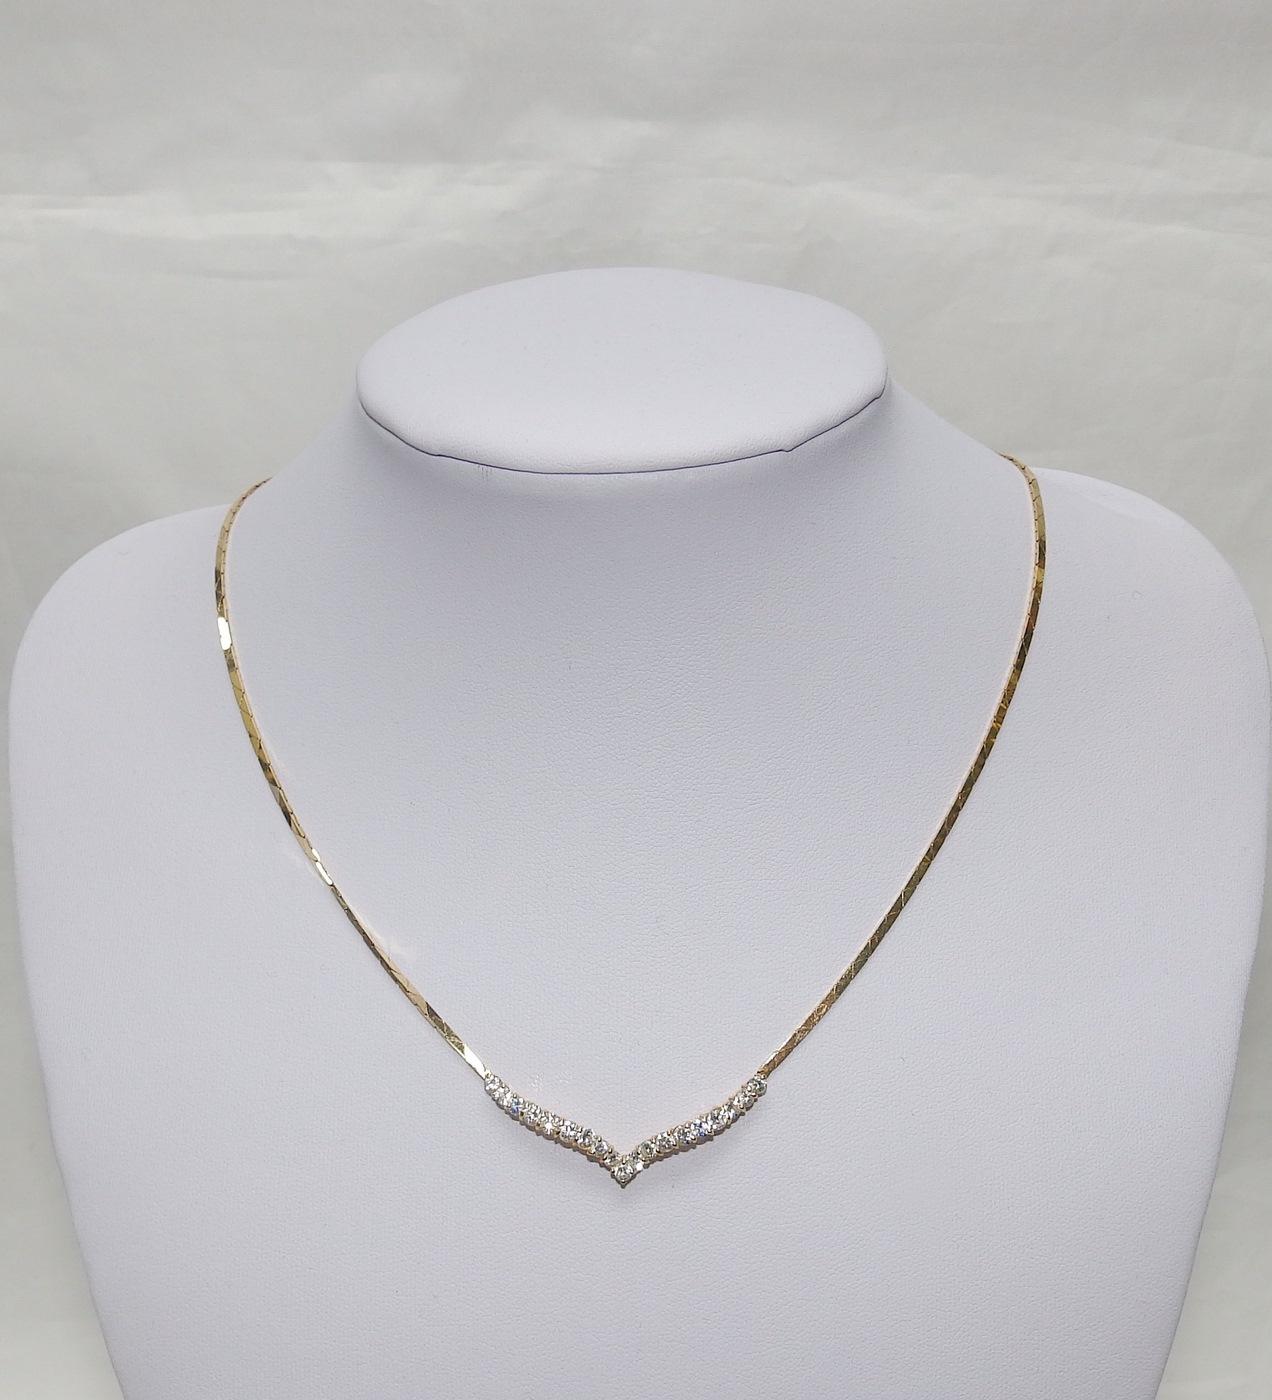 Gargantilla de Oro y Colgante con 19 Diamantes Naturales, talla Brillante, de 1.19 ct, Color, J-K. Claridad, VS-SI1. Certificado IGE.